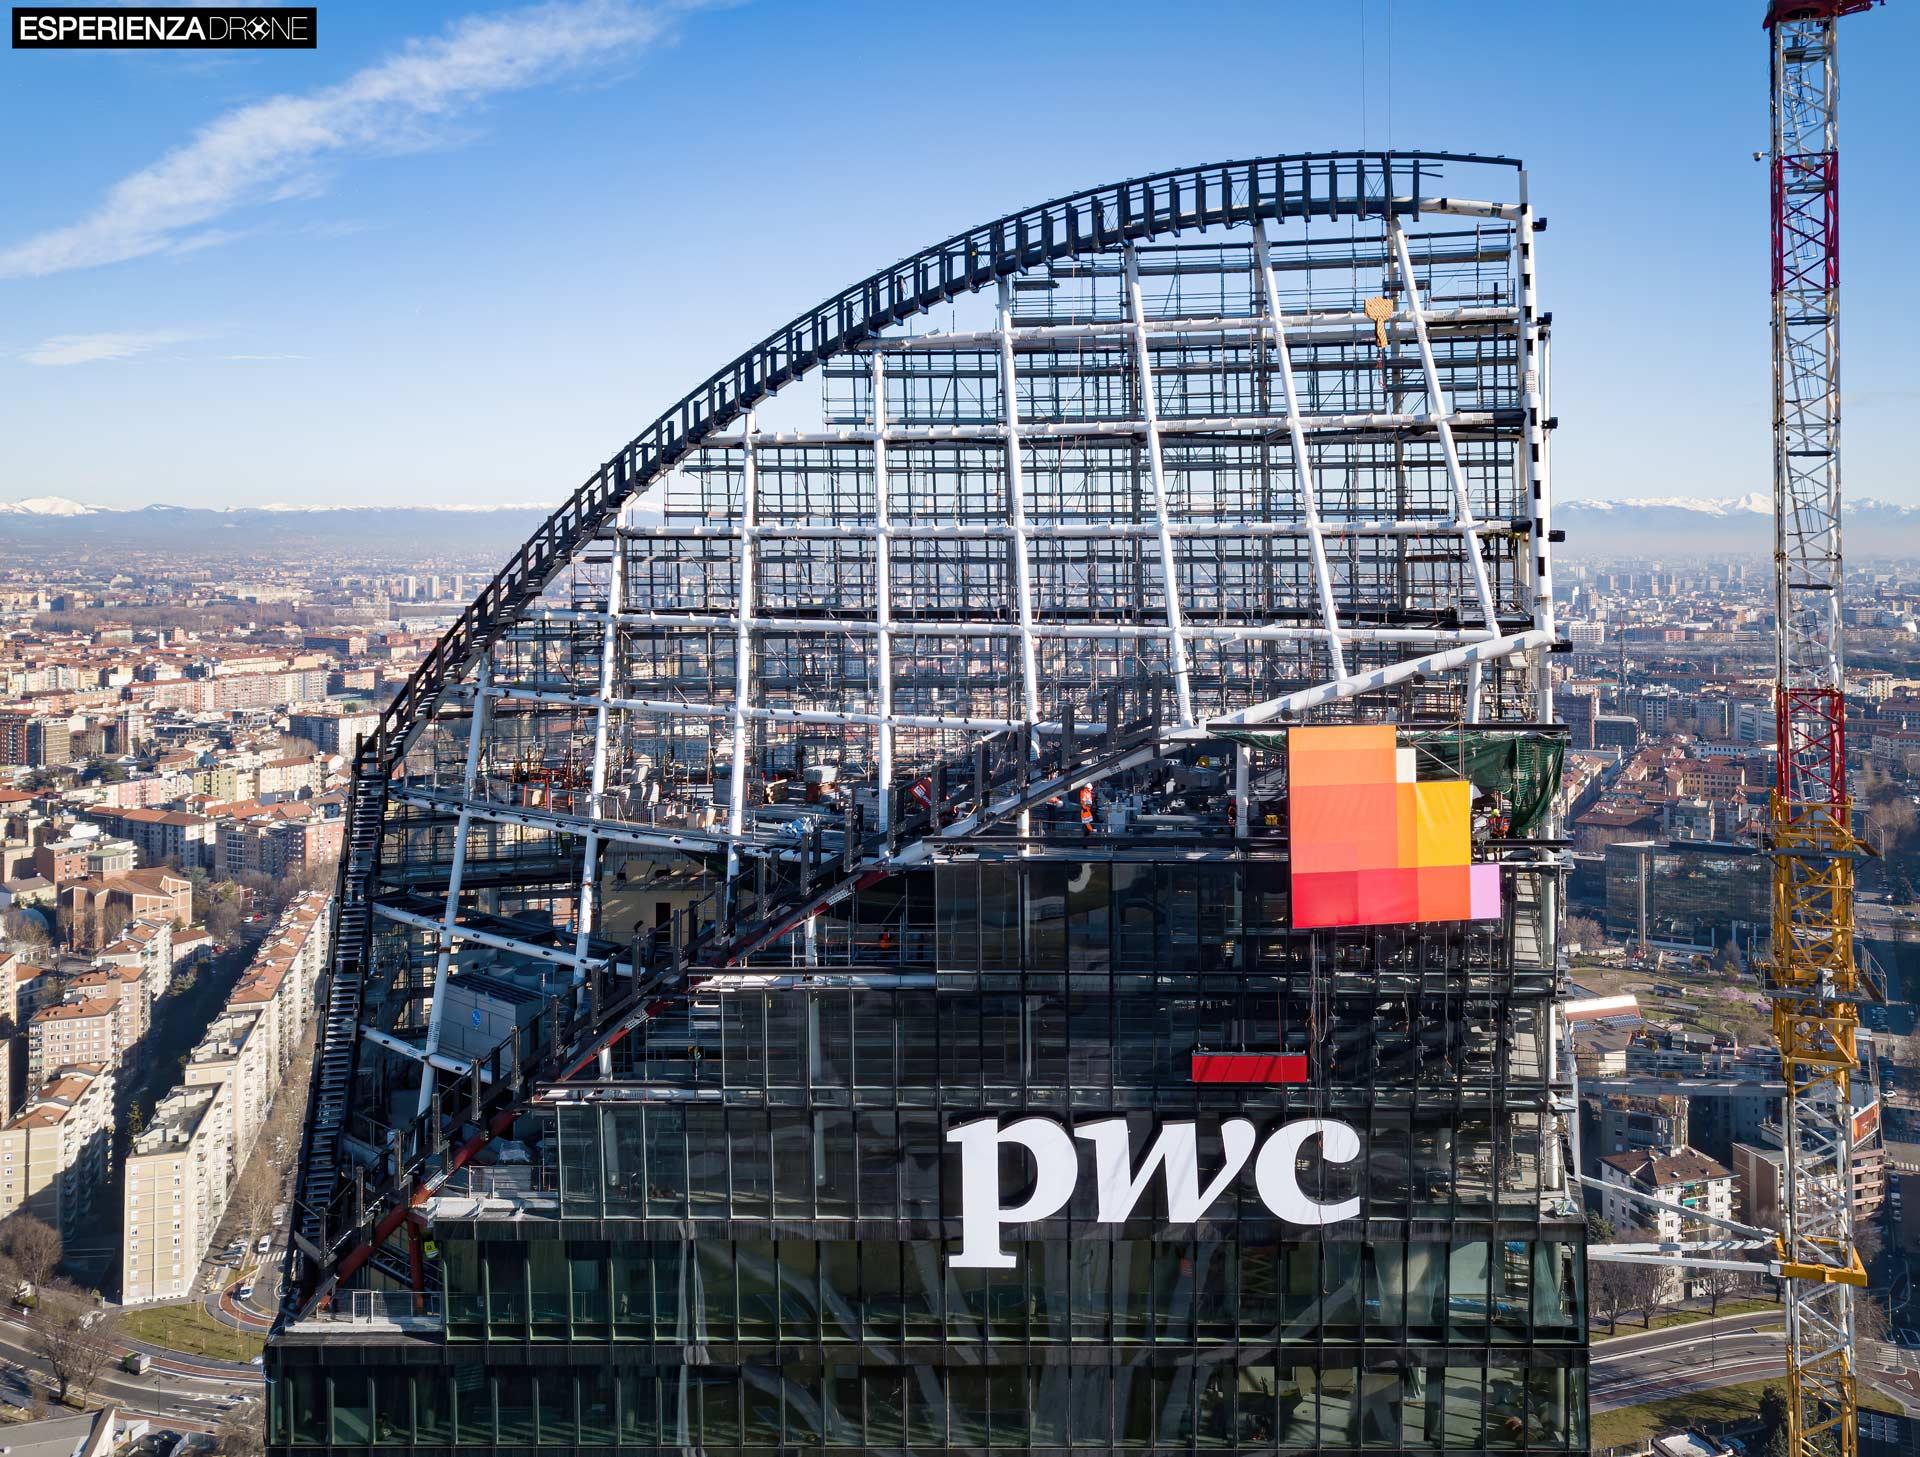 esperienza drone fotografia aerea costruzione torri citylife milano dieci.jpg